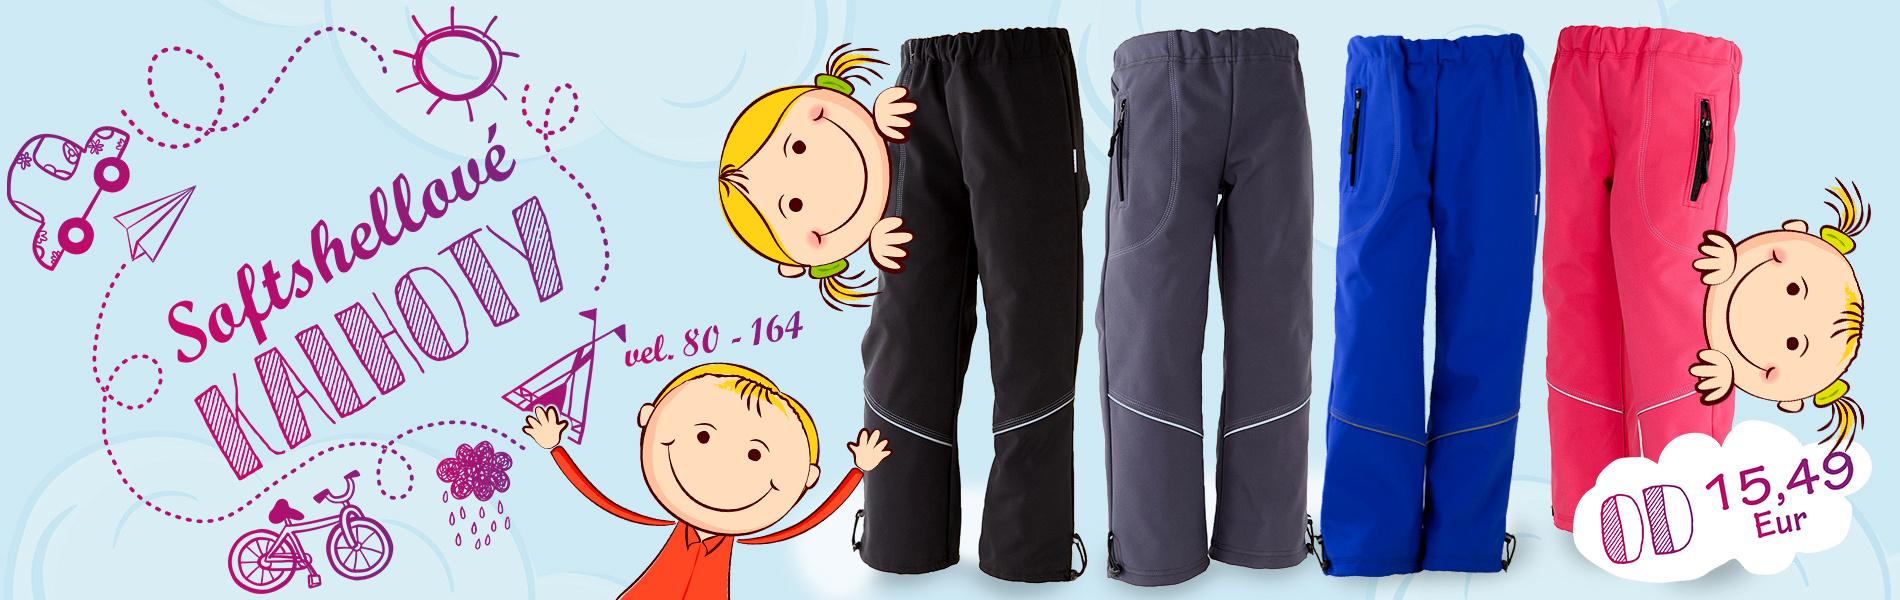 Softshellové nepromokavé kalhoty pro děti